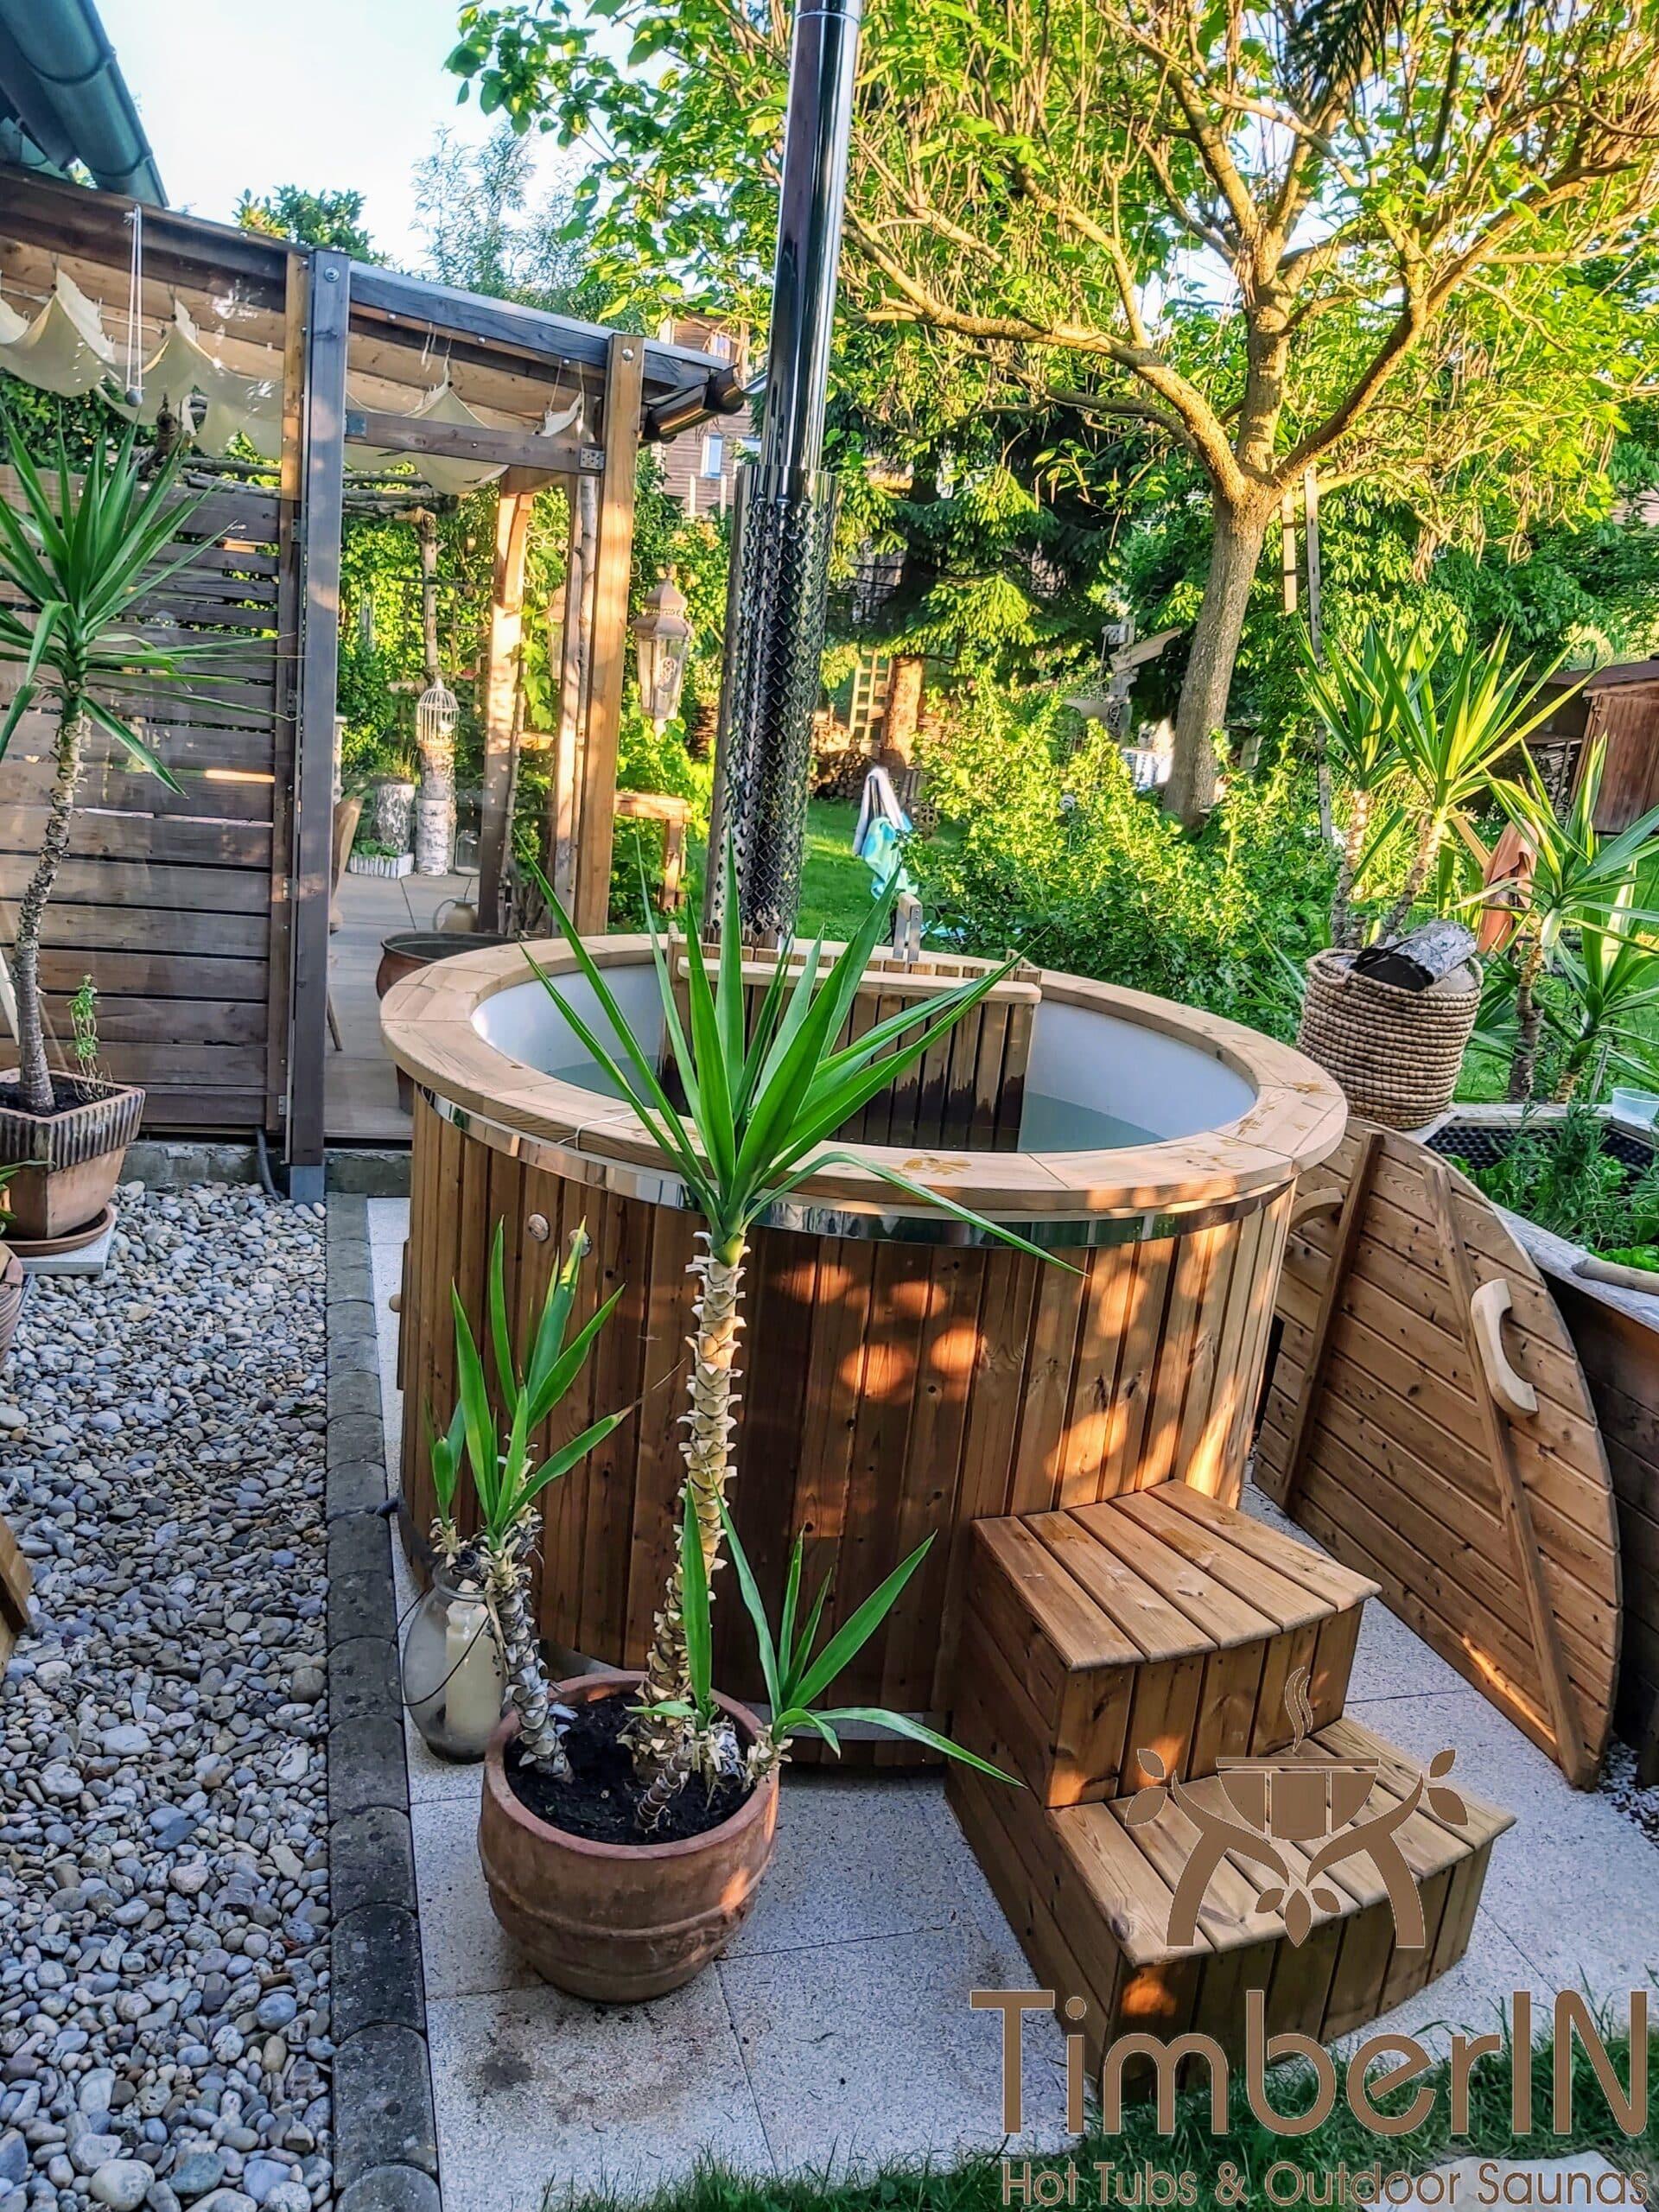 Badefass Badezuber Garten mit Innenofen GFK 1 1 scaled